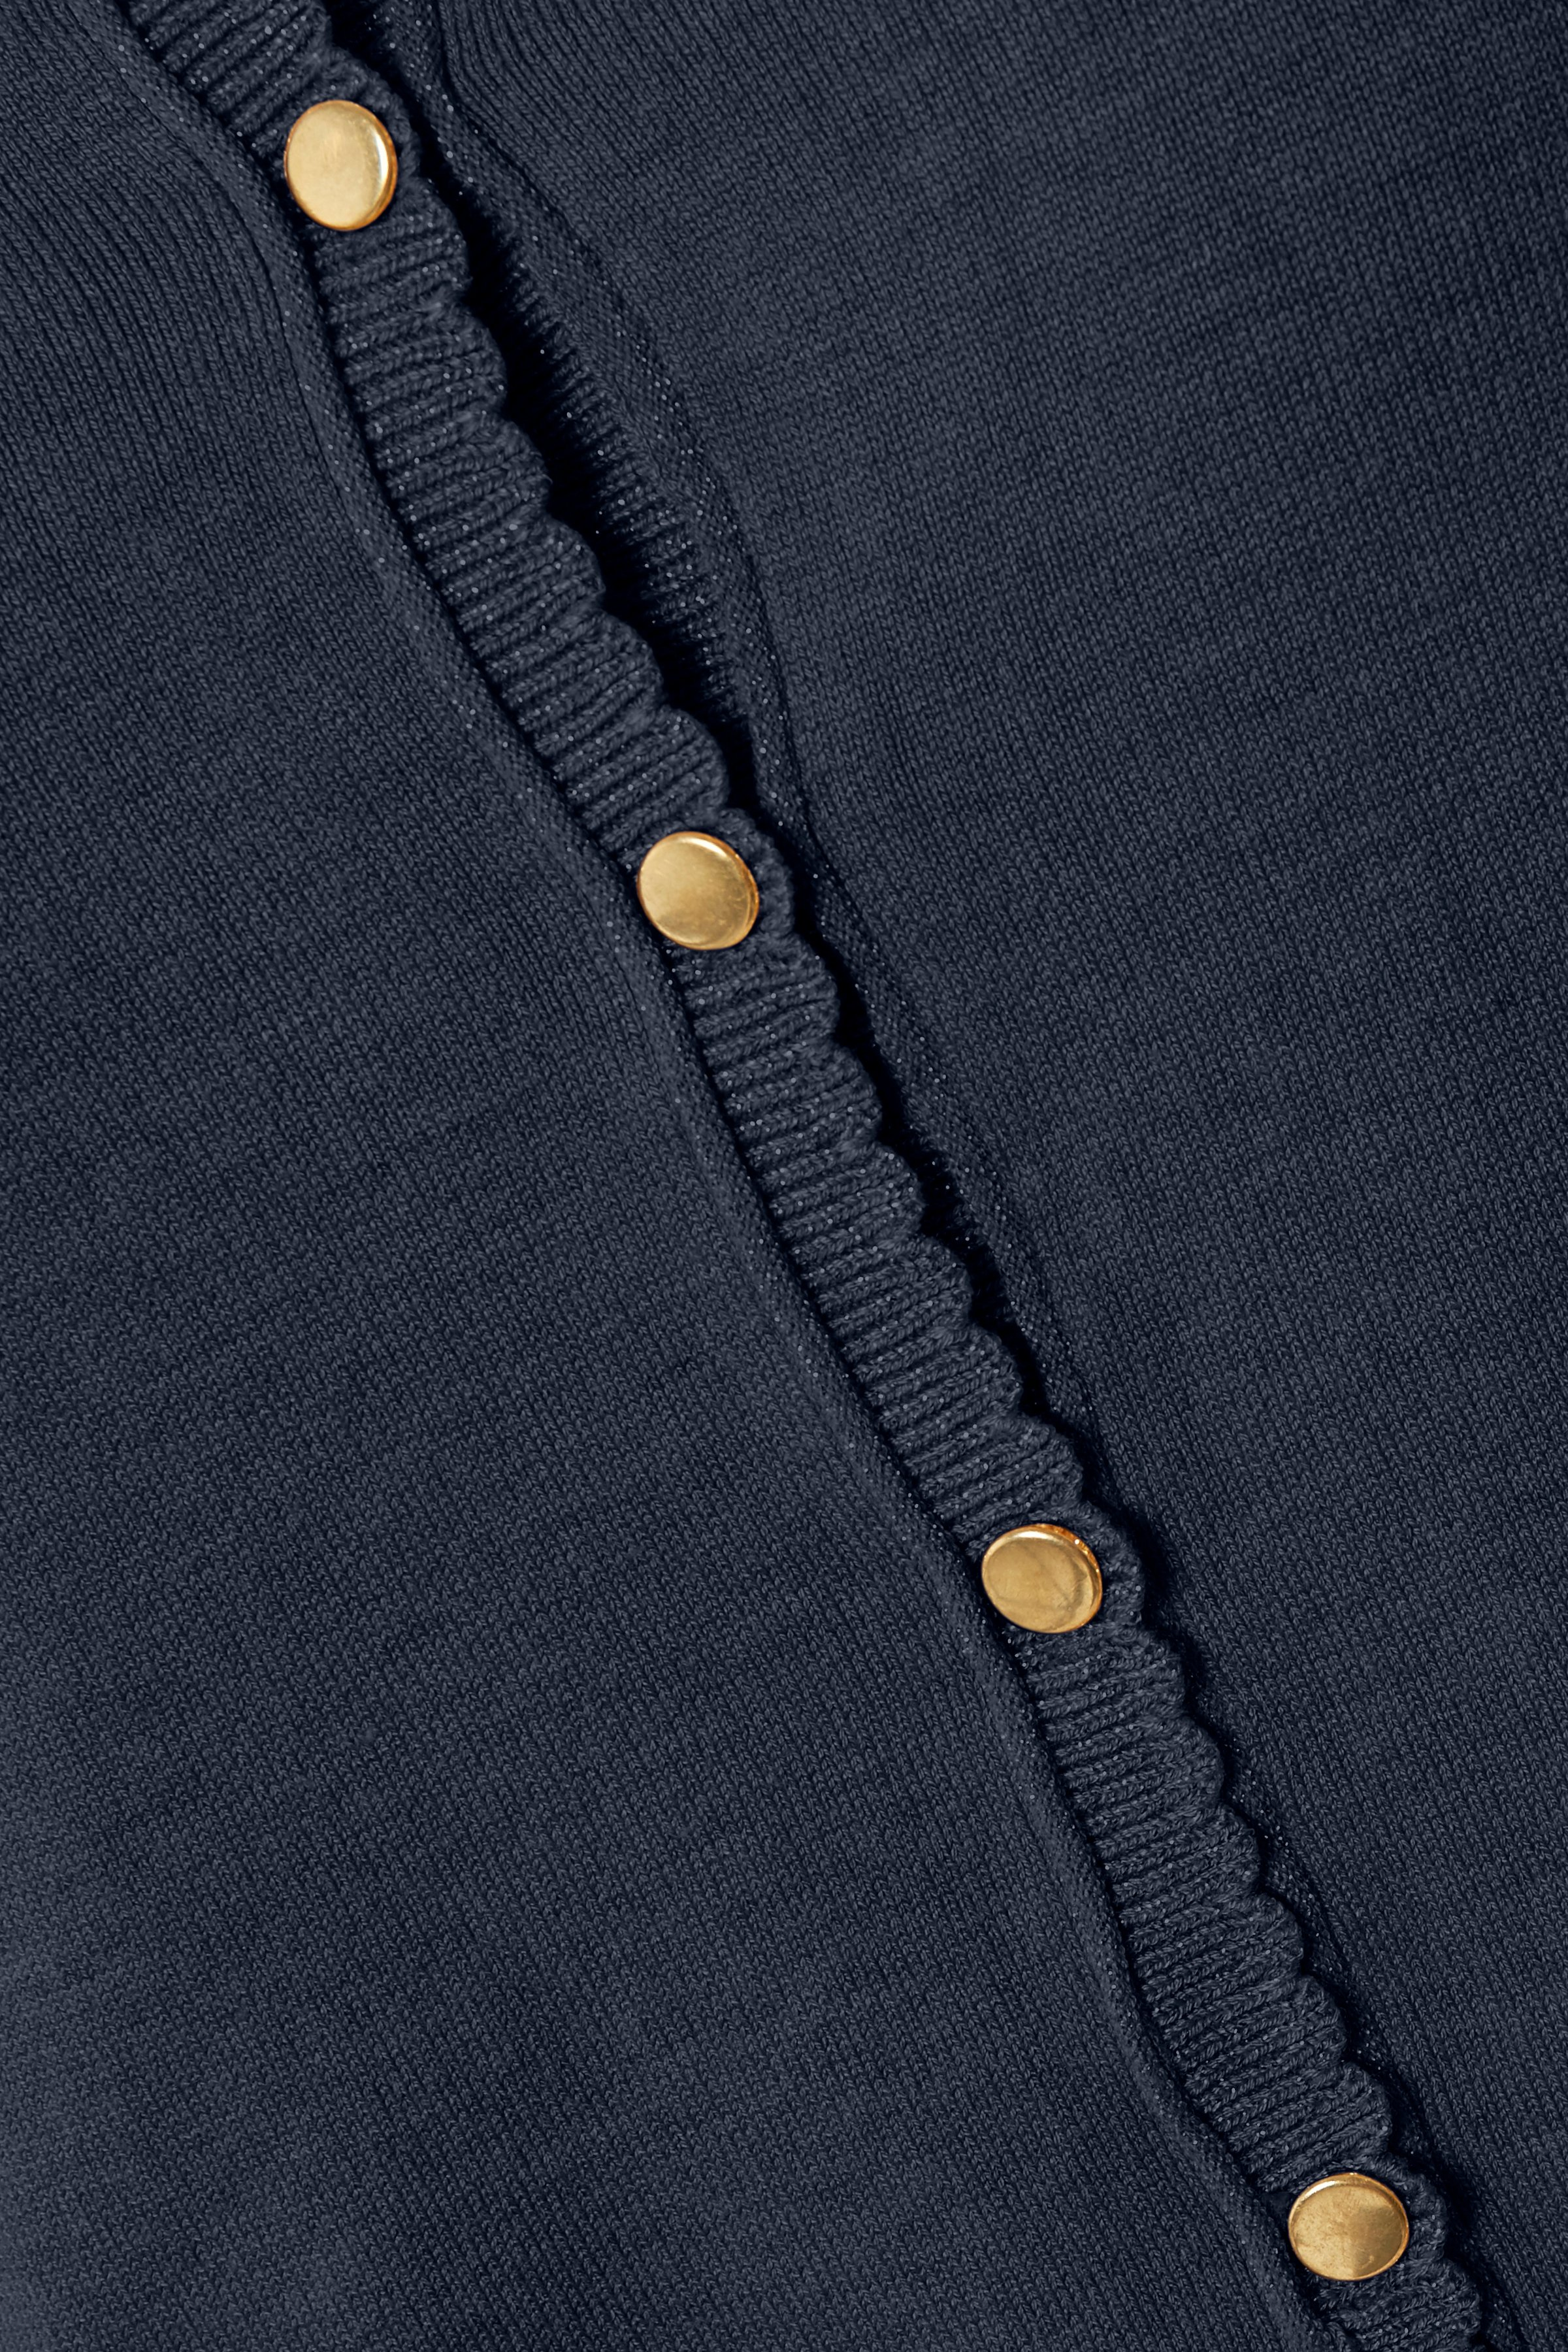 Marinblå Stickad cardigan från Cream – Köp Marinblå Stickad cardigan från stl. XS-XXL här